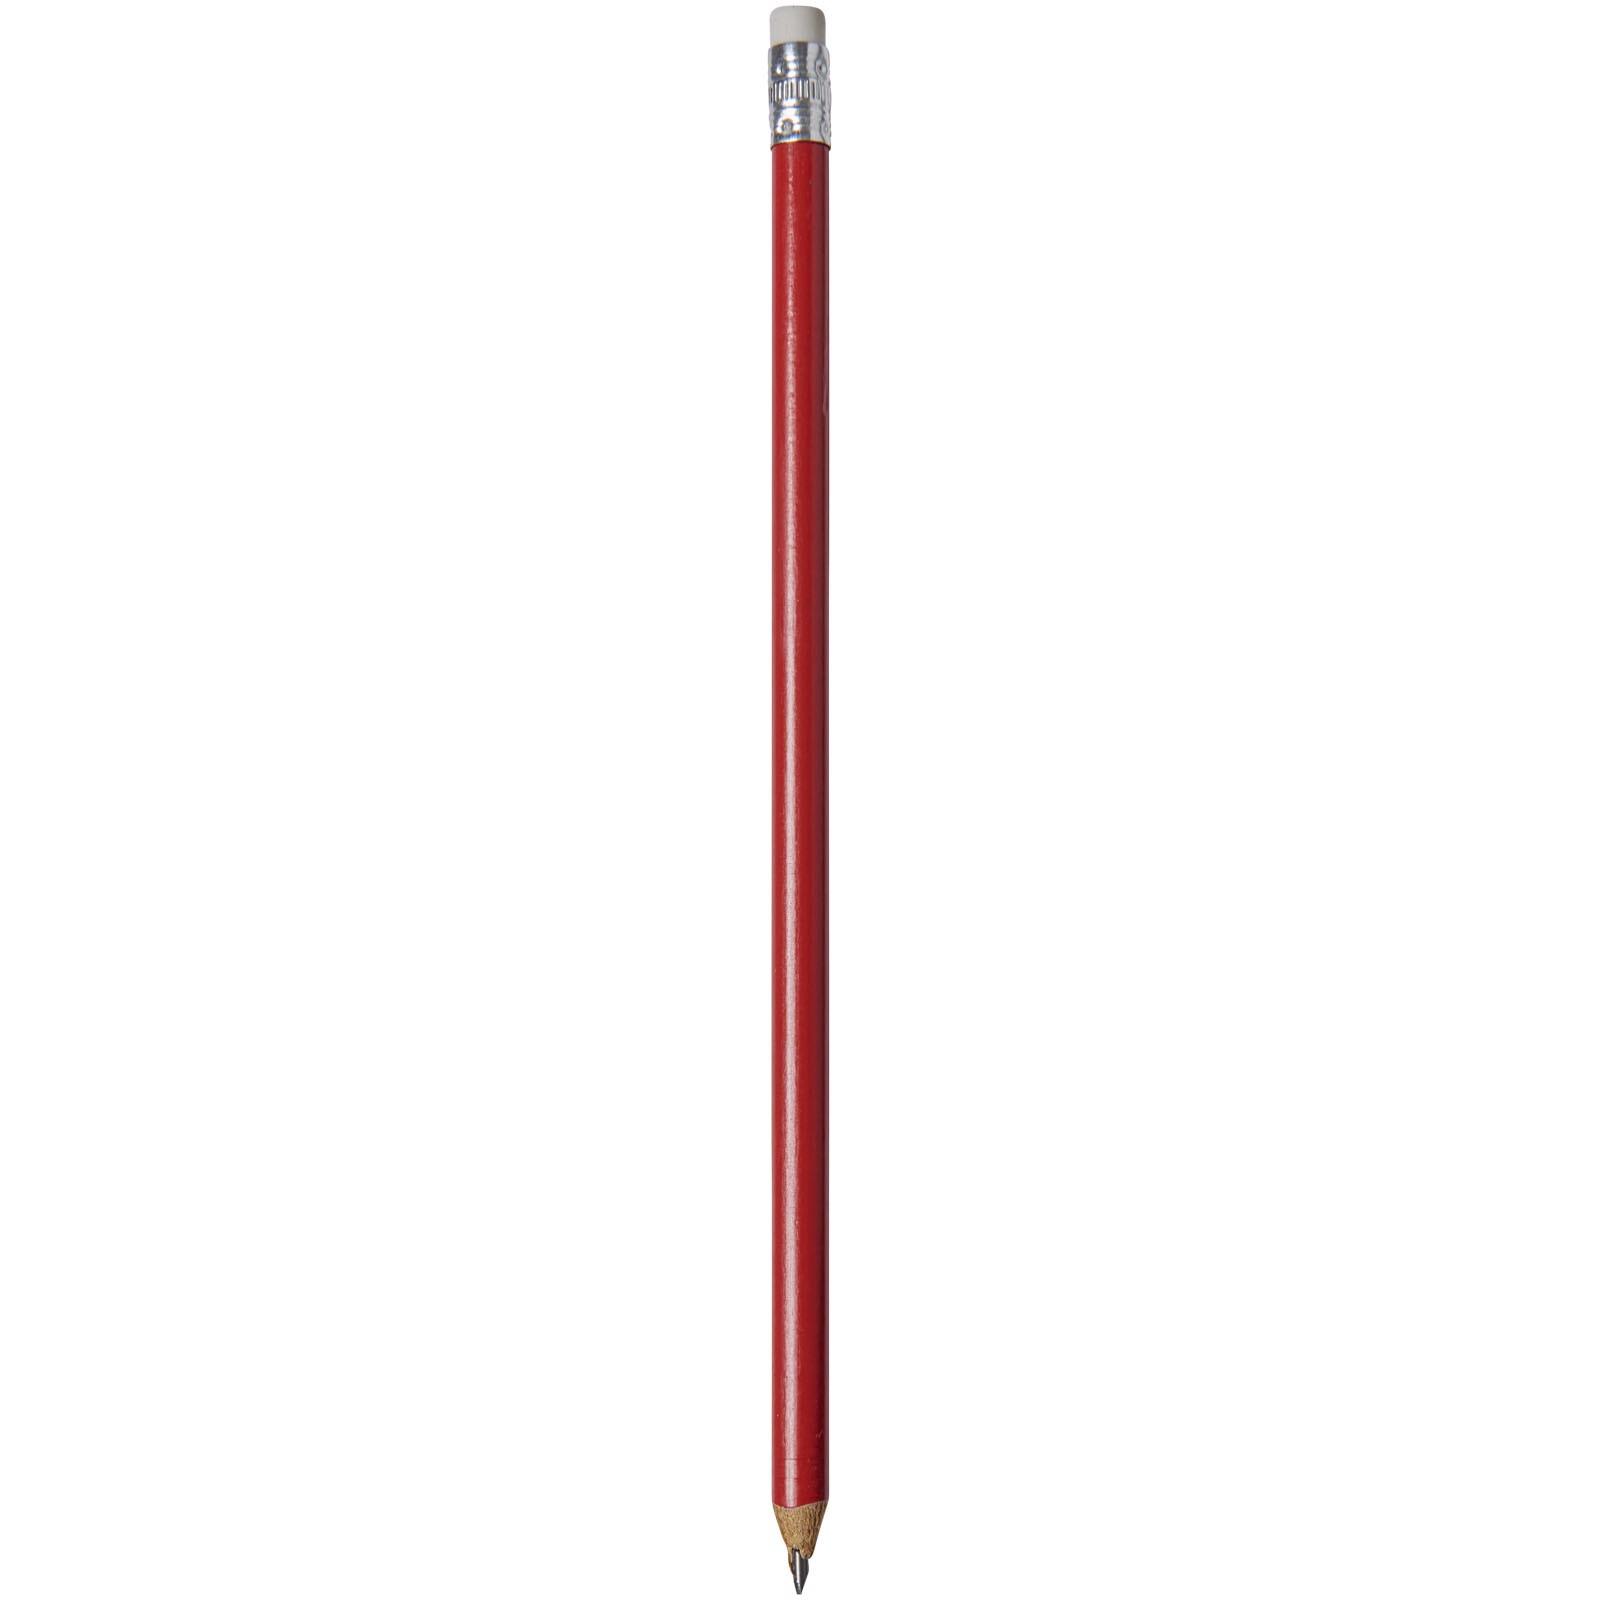 Tužka Alegra s barevným tělem - Červená s efektem námrazy